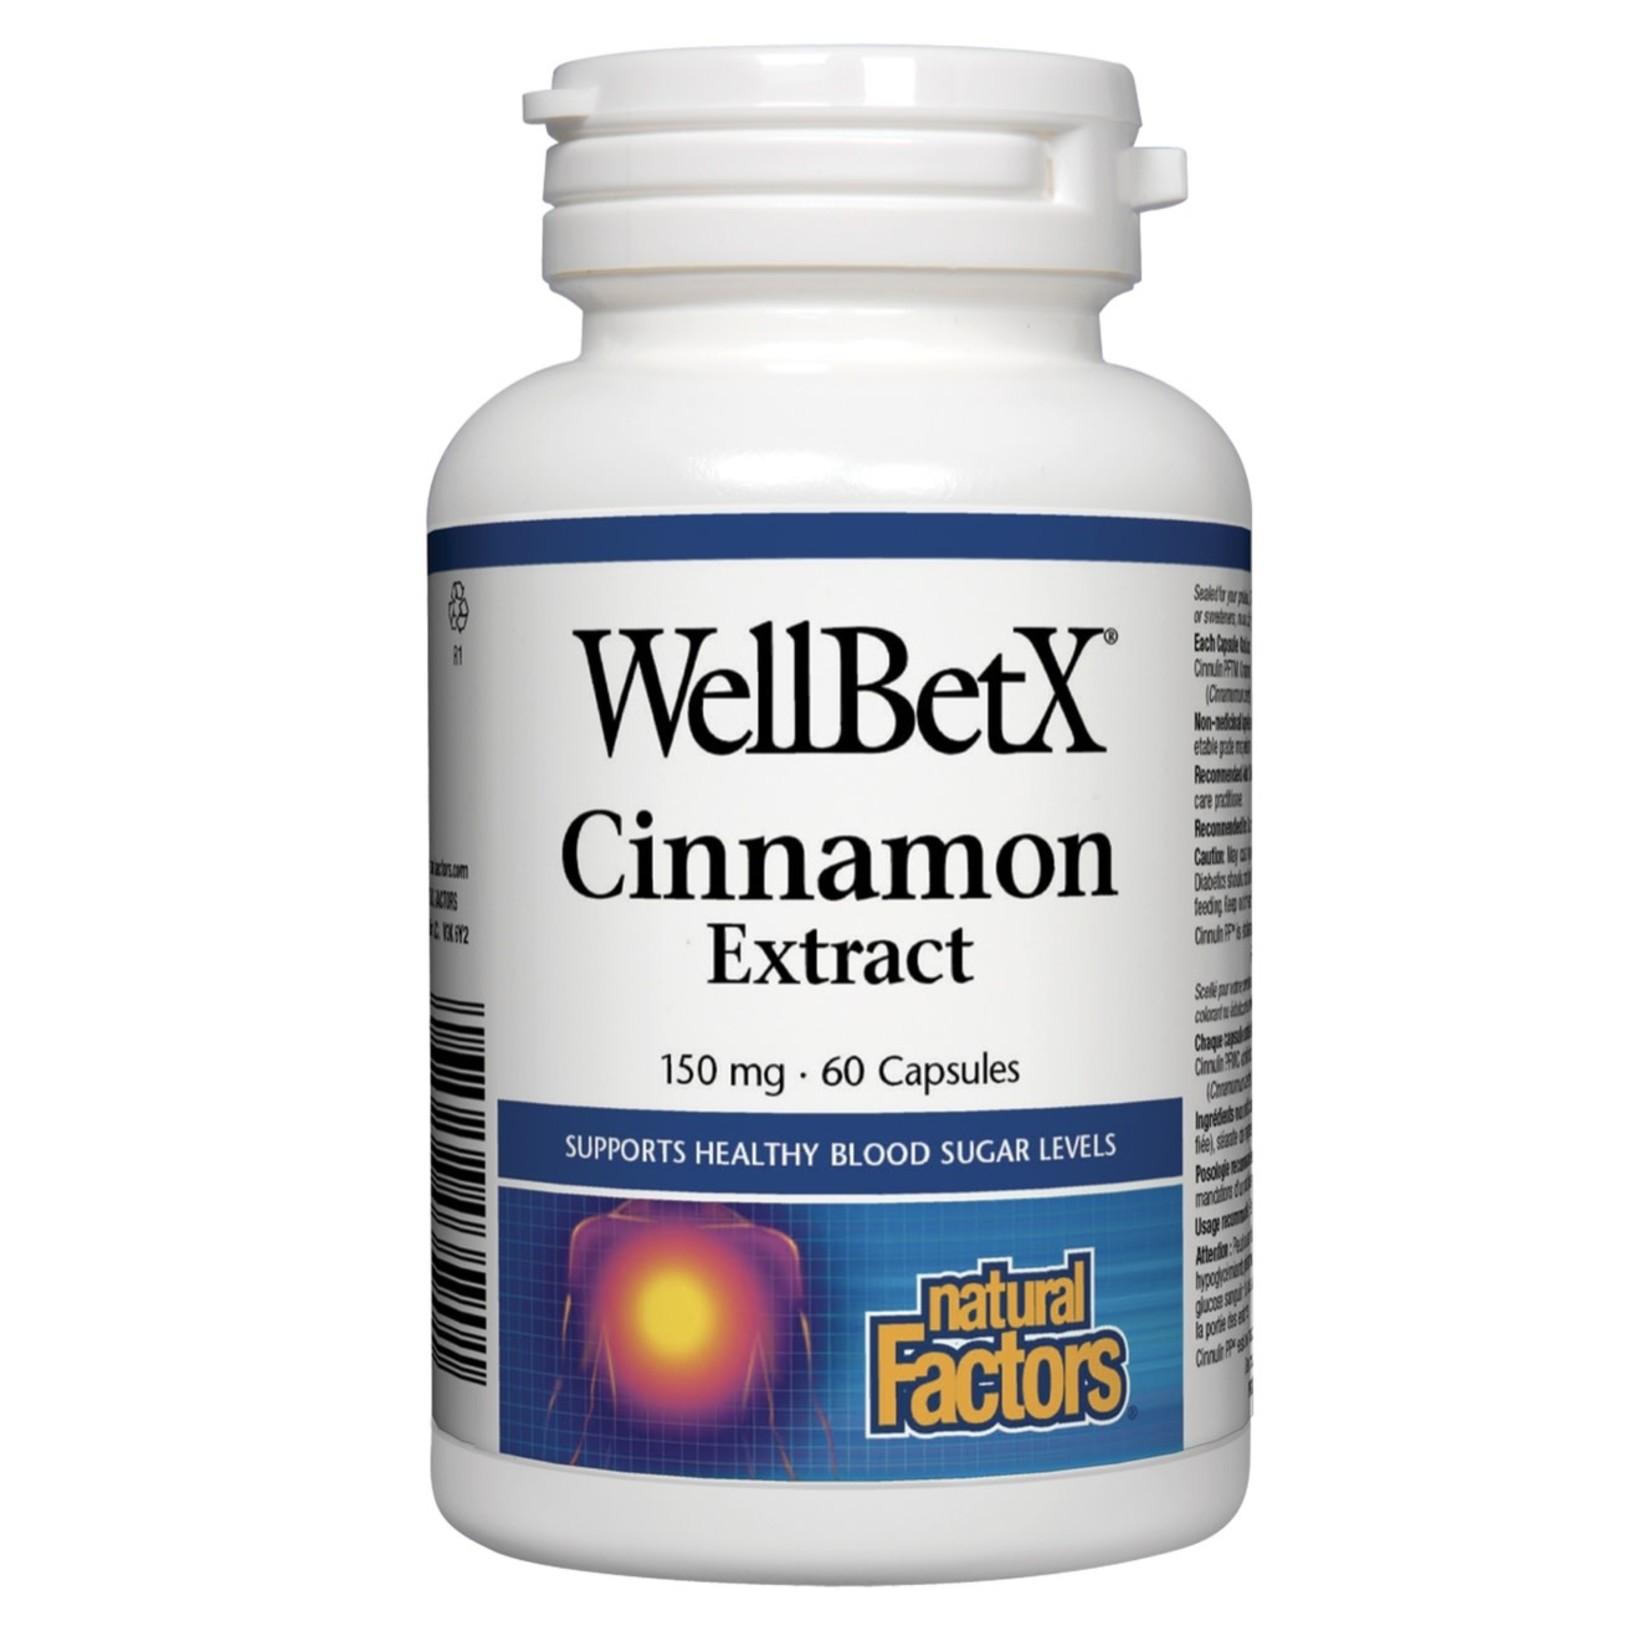 Natural Factors Natural Factors Cinnamon Extract 150mg 60 caps